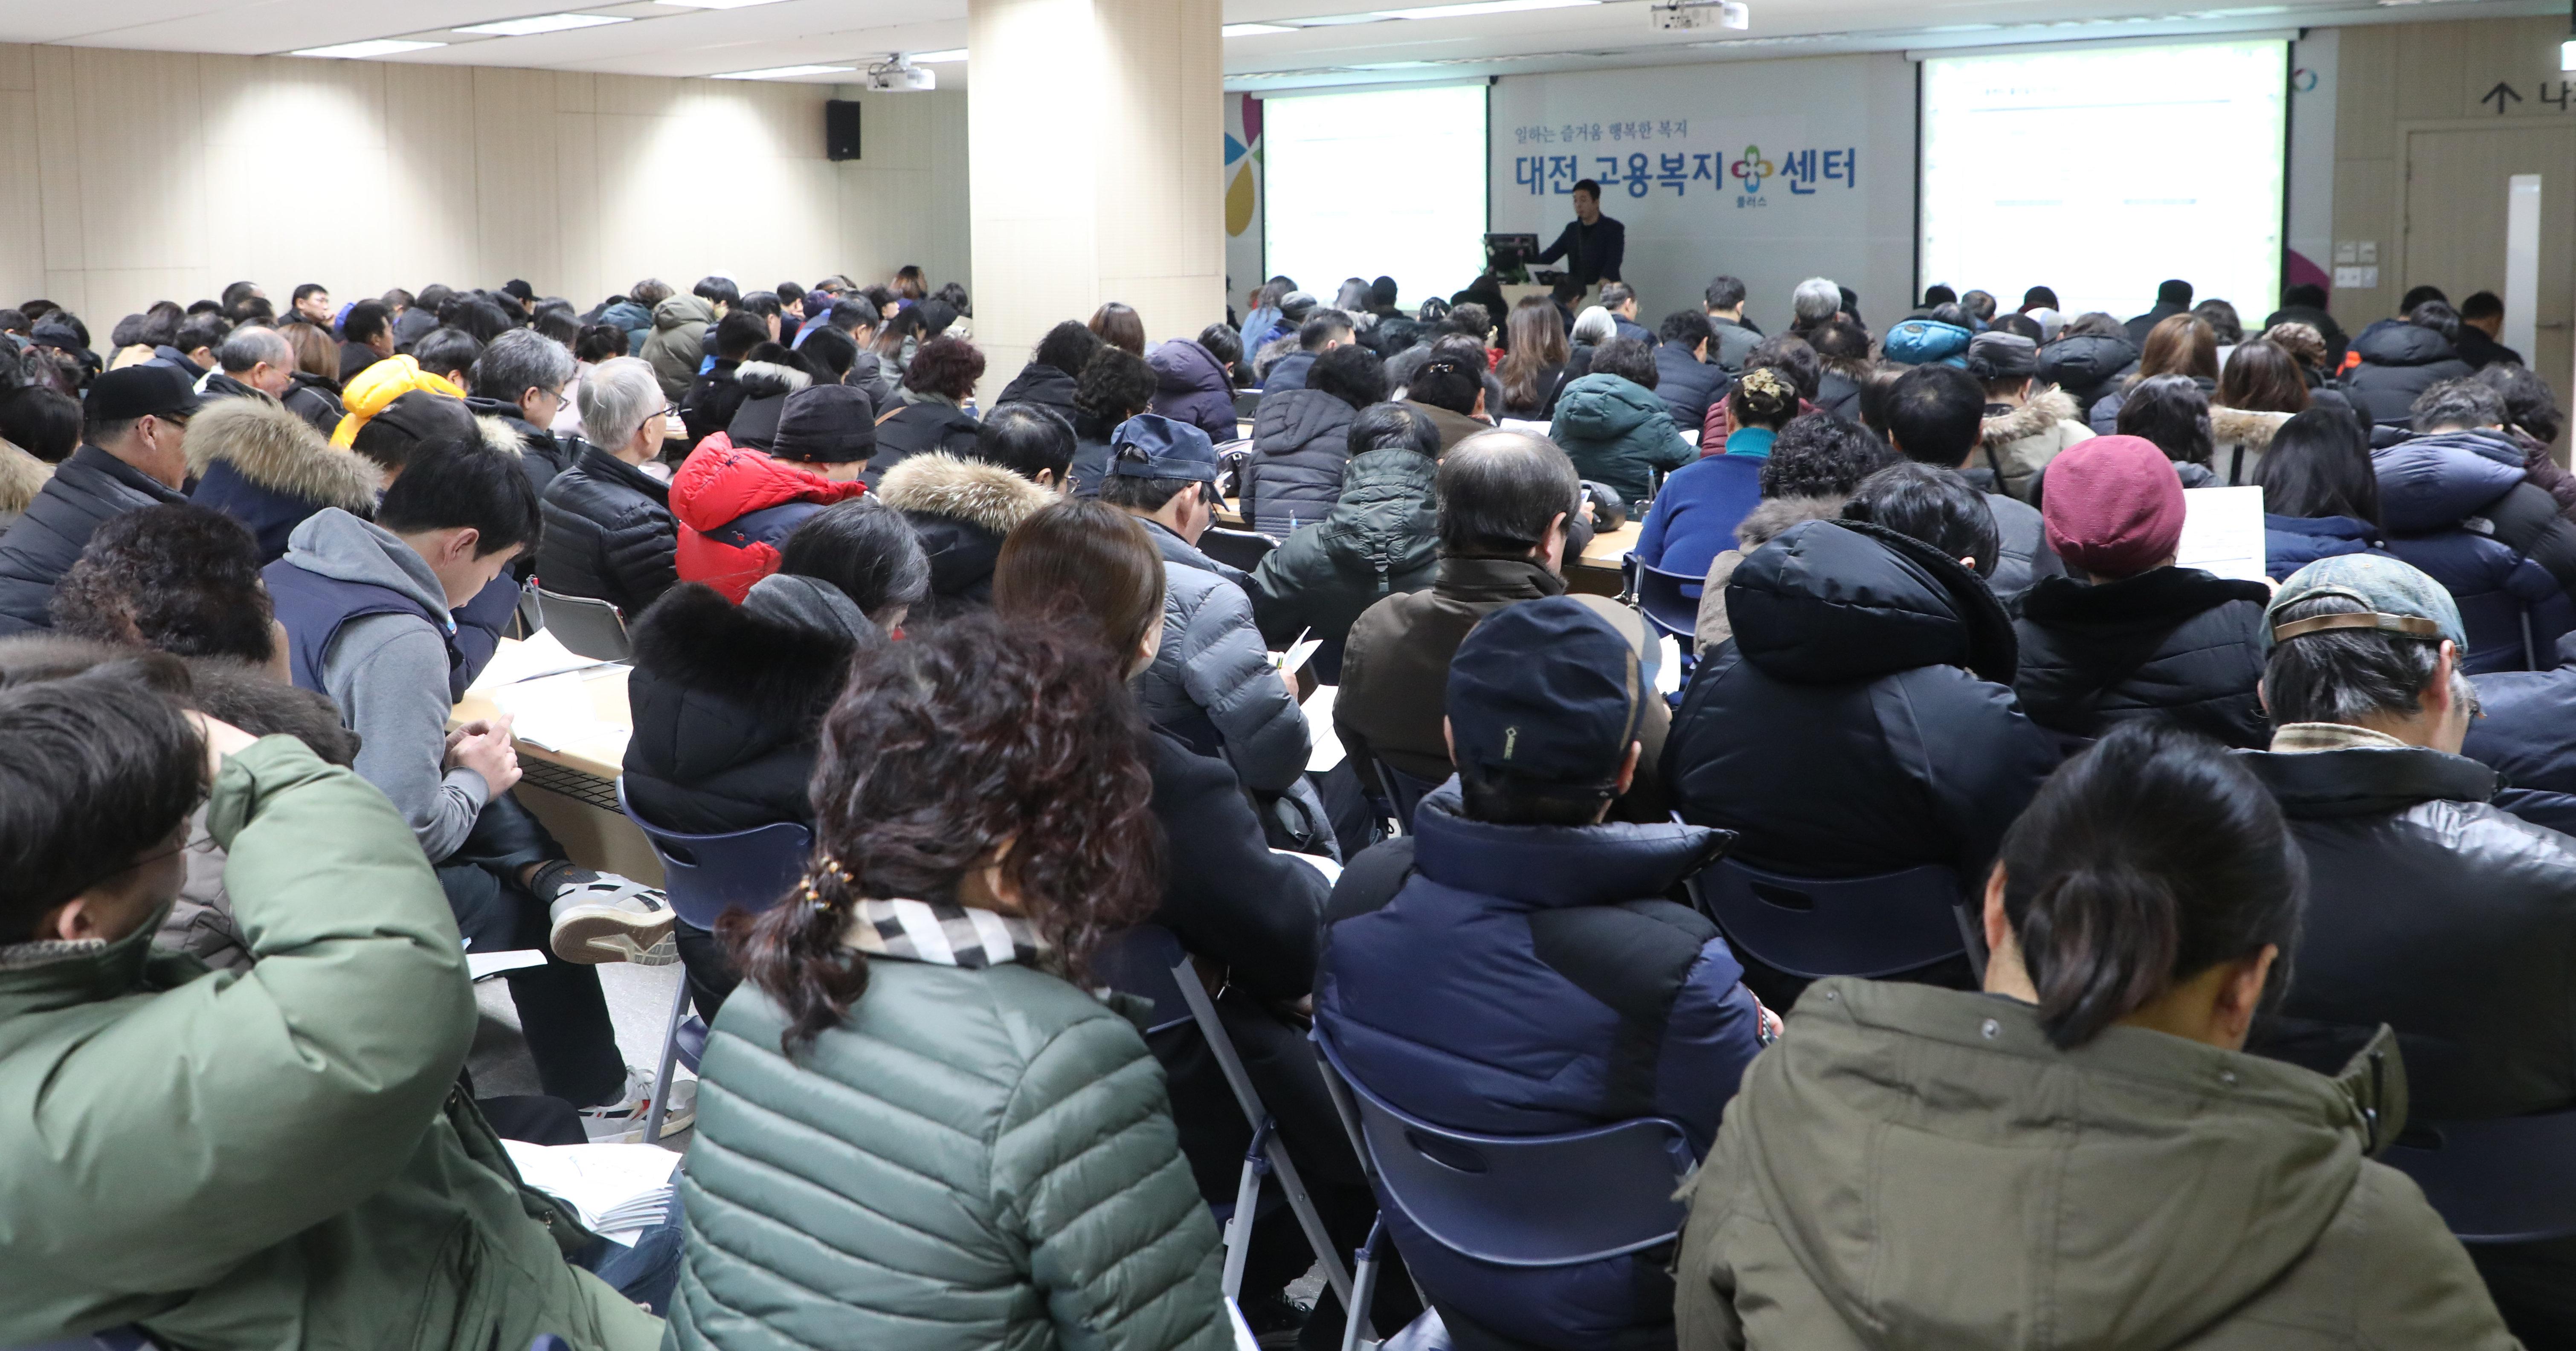 지난 12일 오전 대전 고용복지플러스센터에서 실업급여 신청자들이 취업 관련 교육을 받고